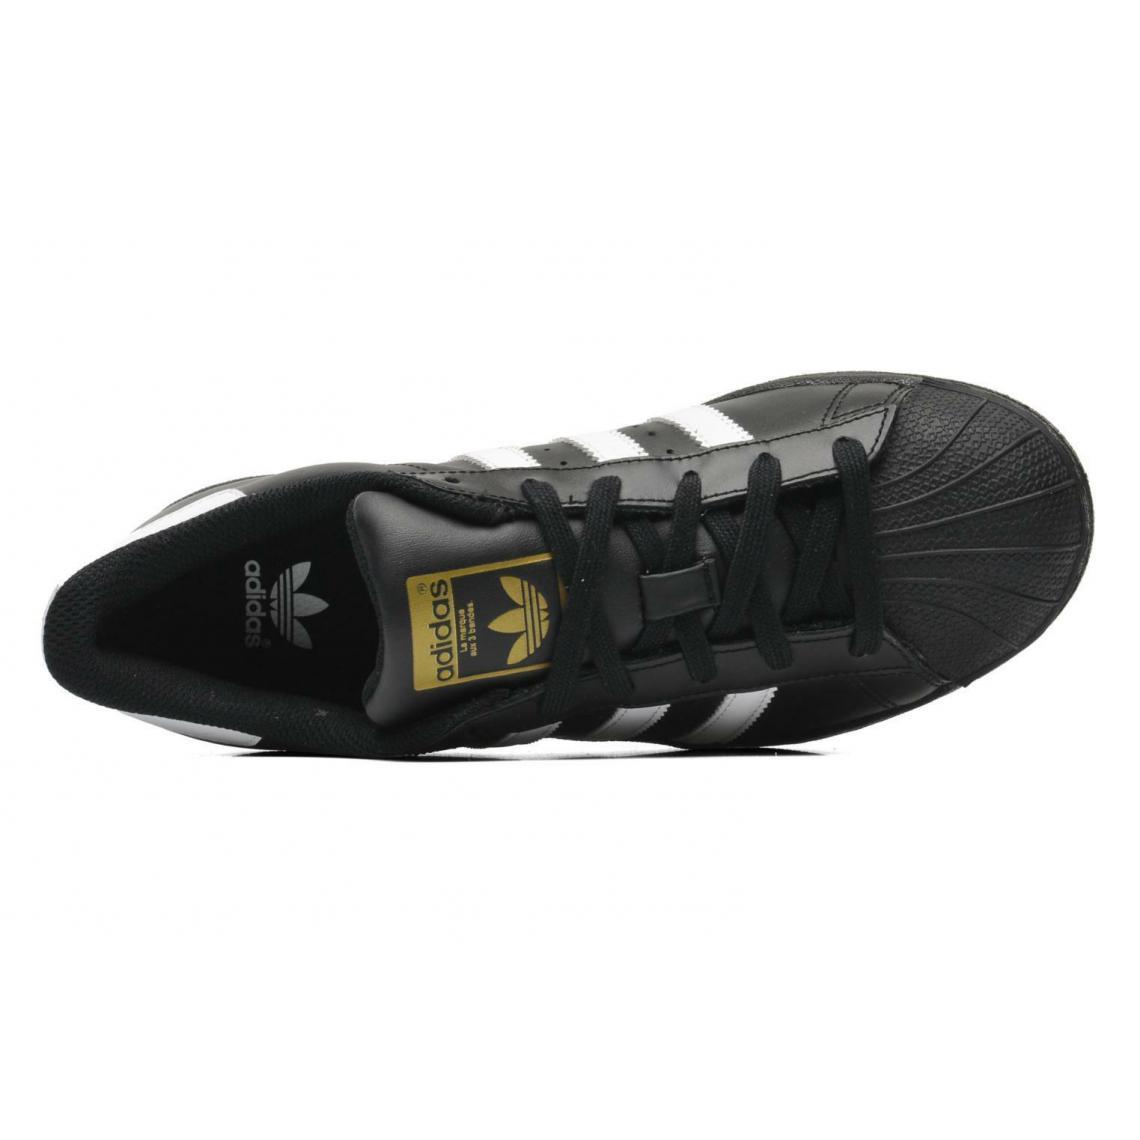 c91e857af1e04 Originals Baskets Et Noir Superstar Suisses Adidas Garçon Blanc3 Yf7v6bgIy